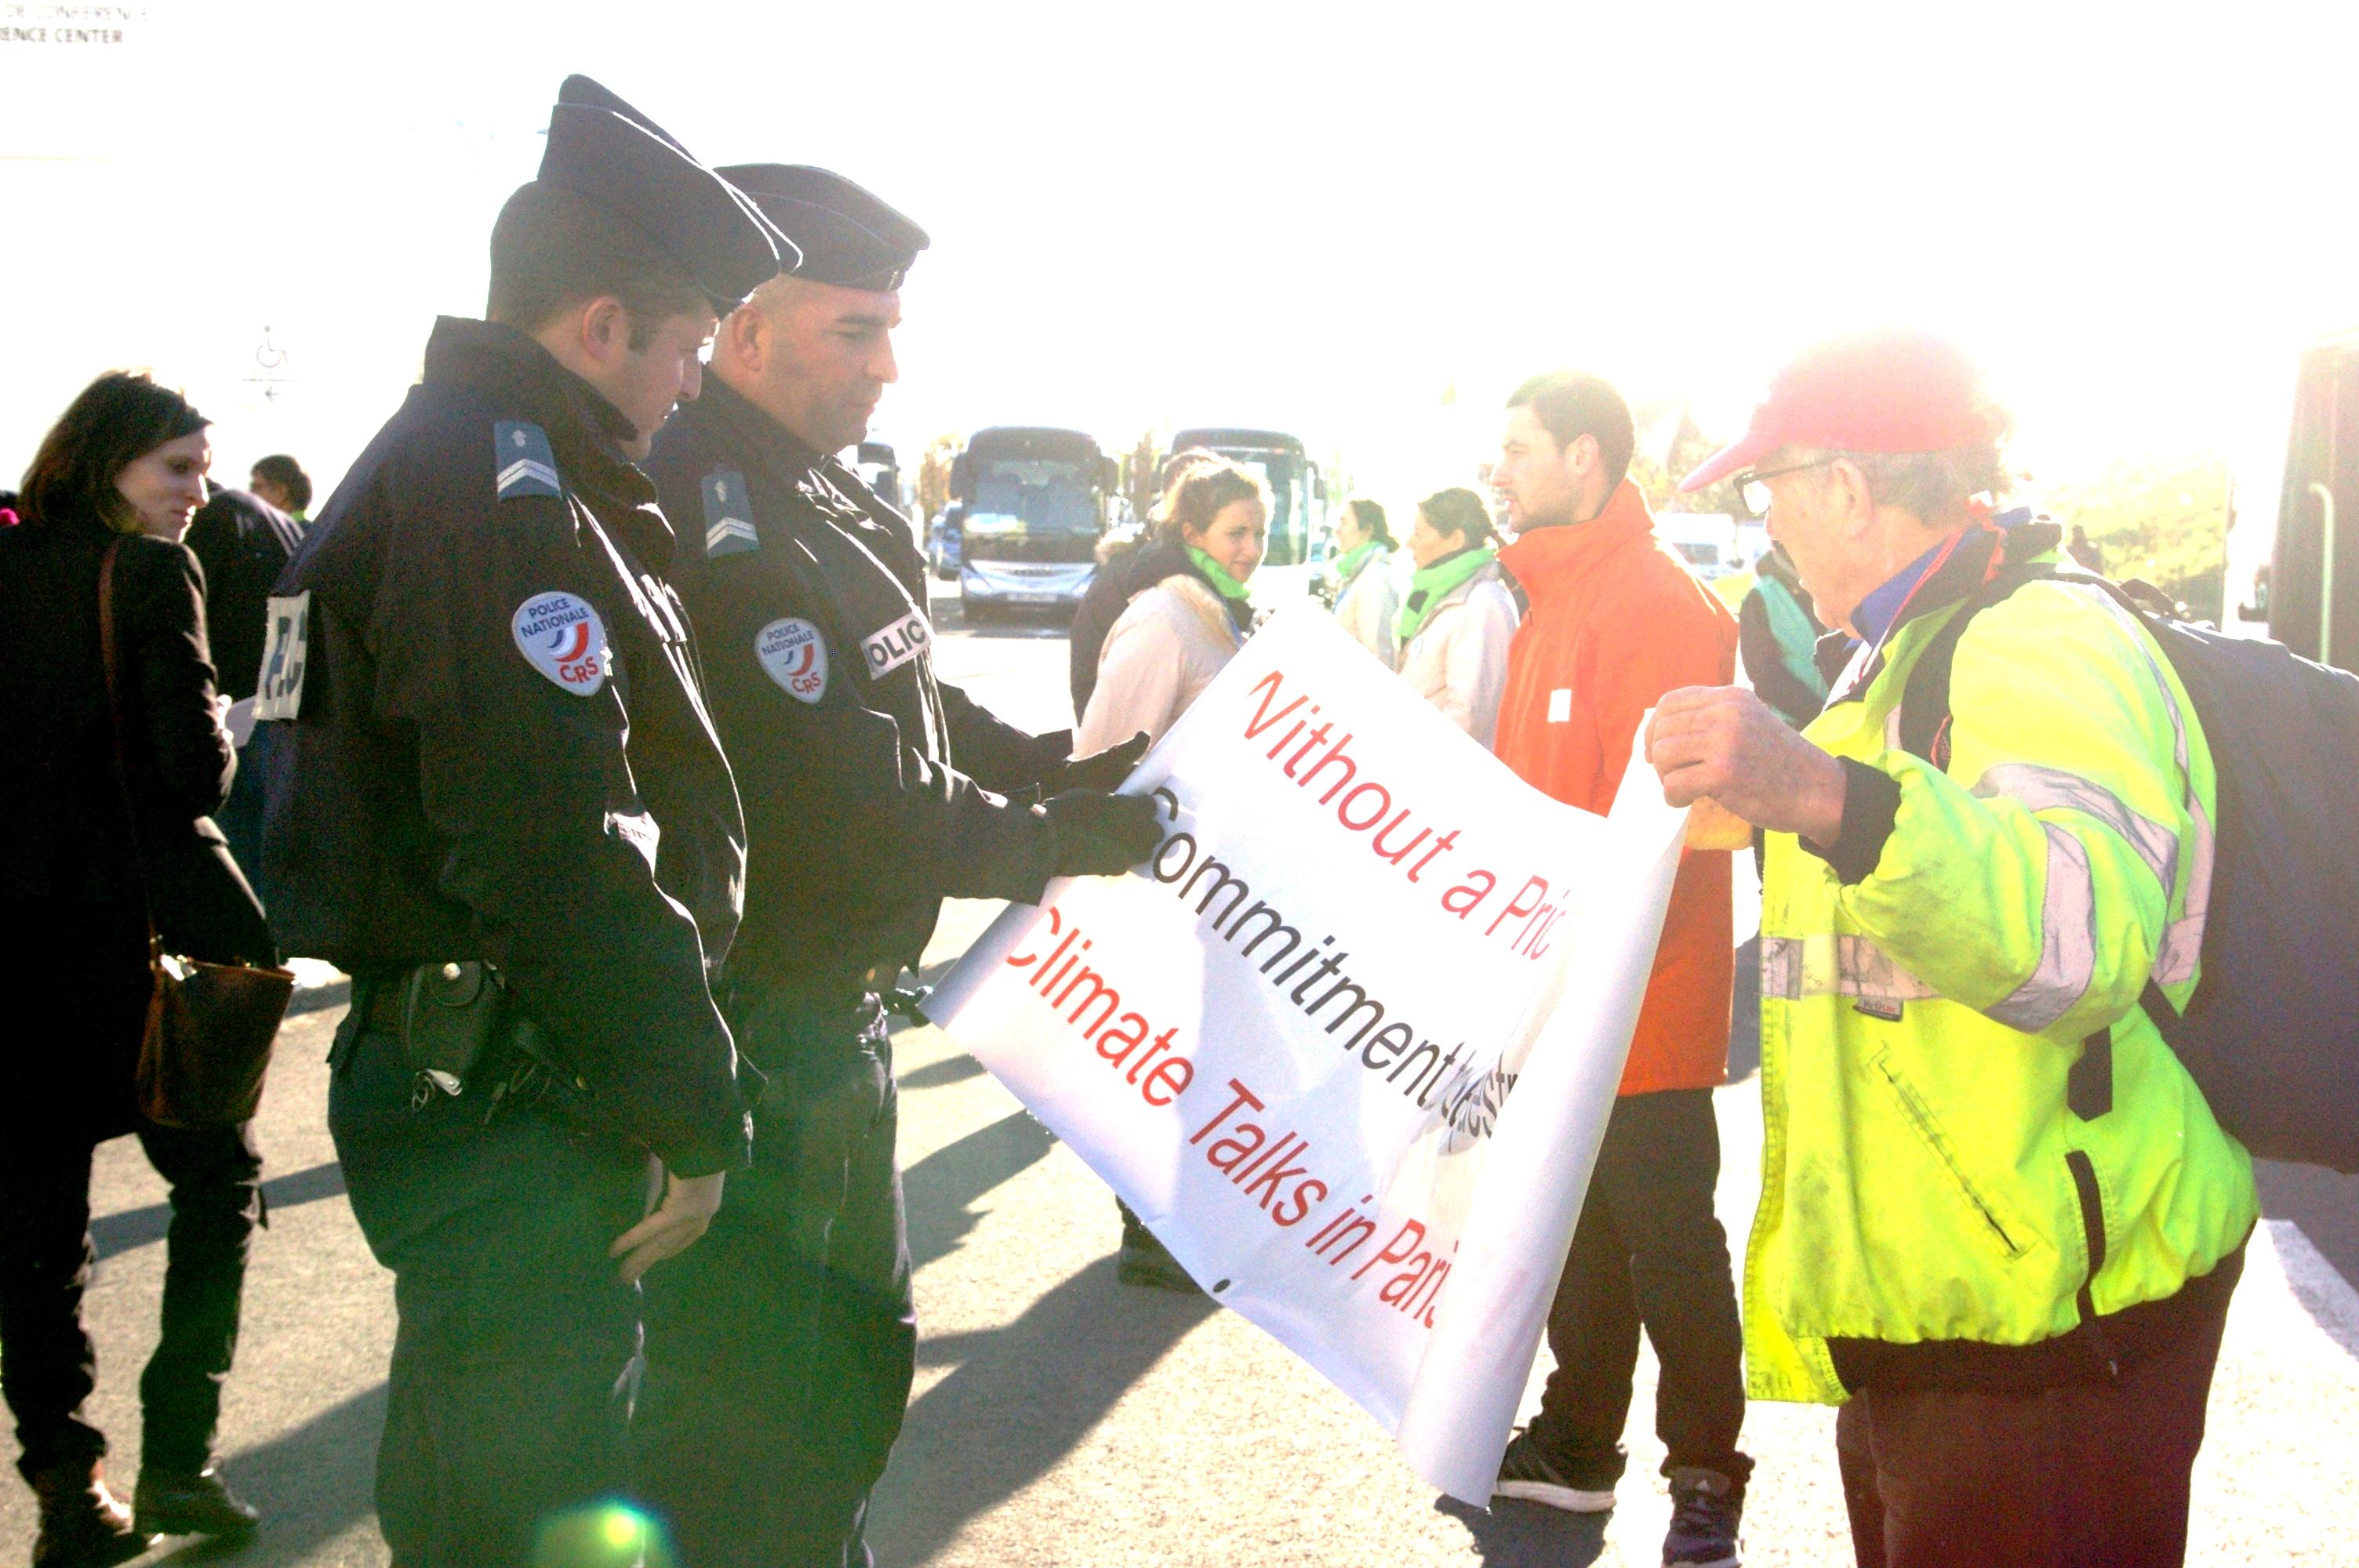 Illustration - Climat: coulisses de la conférence COP 21(6) La police censure les banderoles des militants au Bourget!